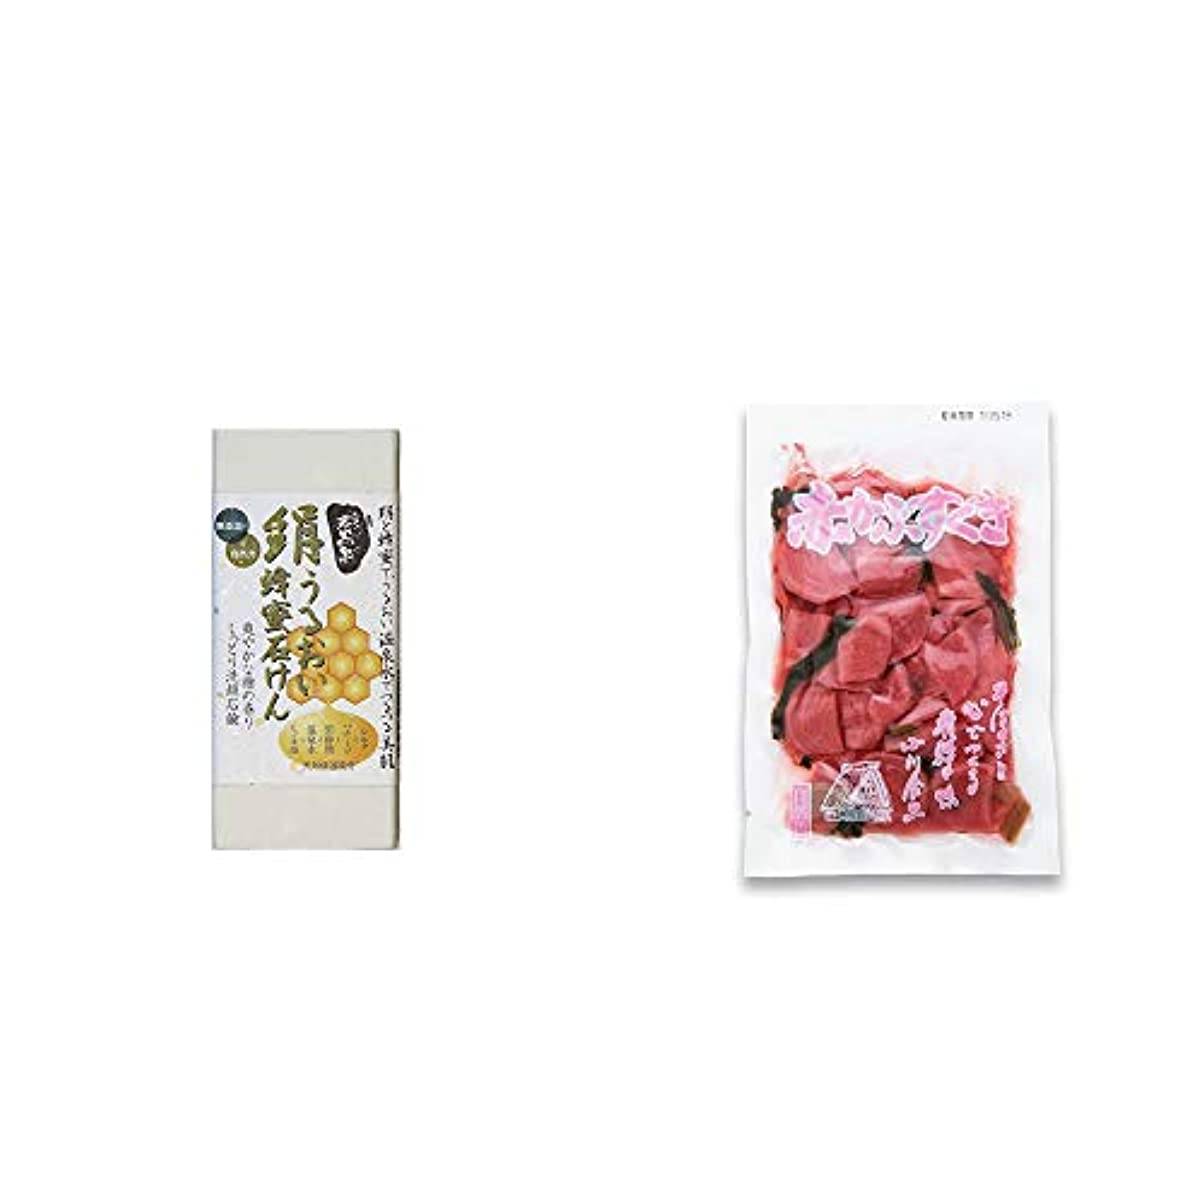 投資する集計皮肉な[2点セット] ひのき炭黒泉 絹うるおい蜂蜜石けん(75g×2)?赤かぶすぐき(160g)